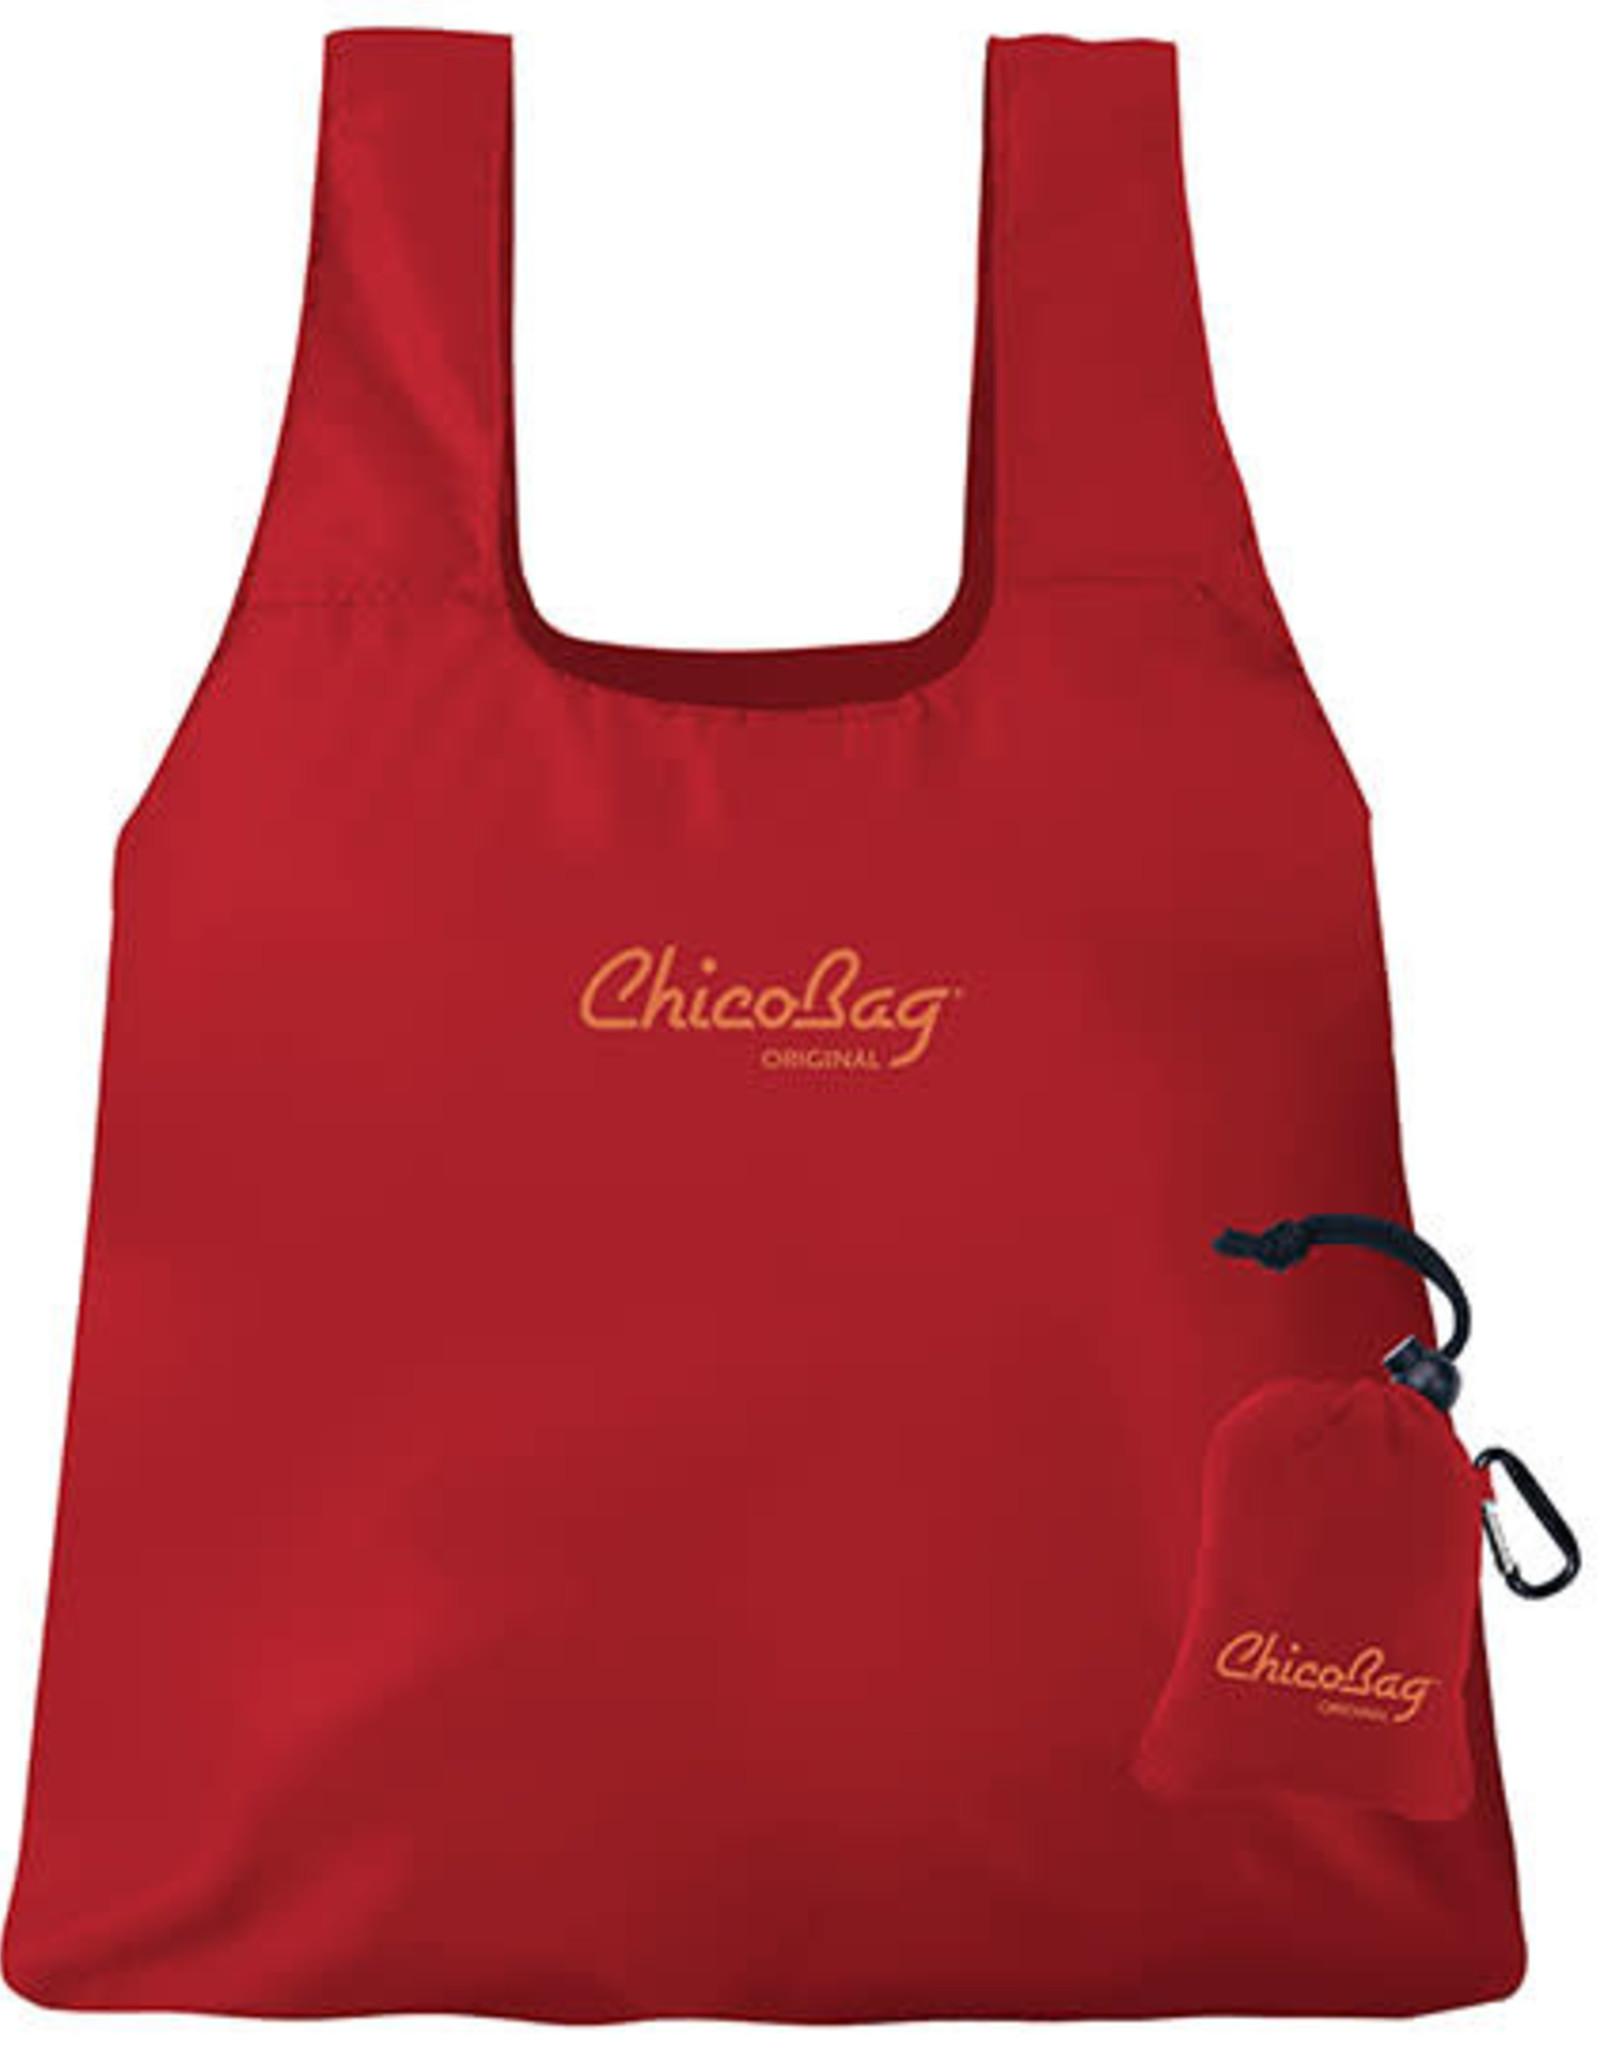 Chicobag Chicobag, Original,